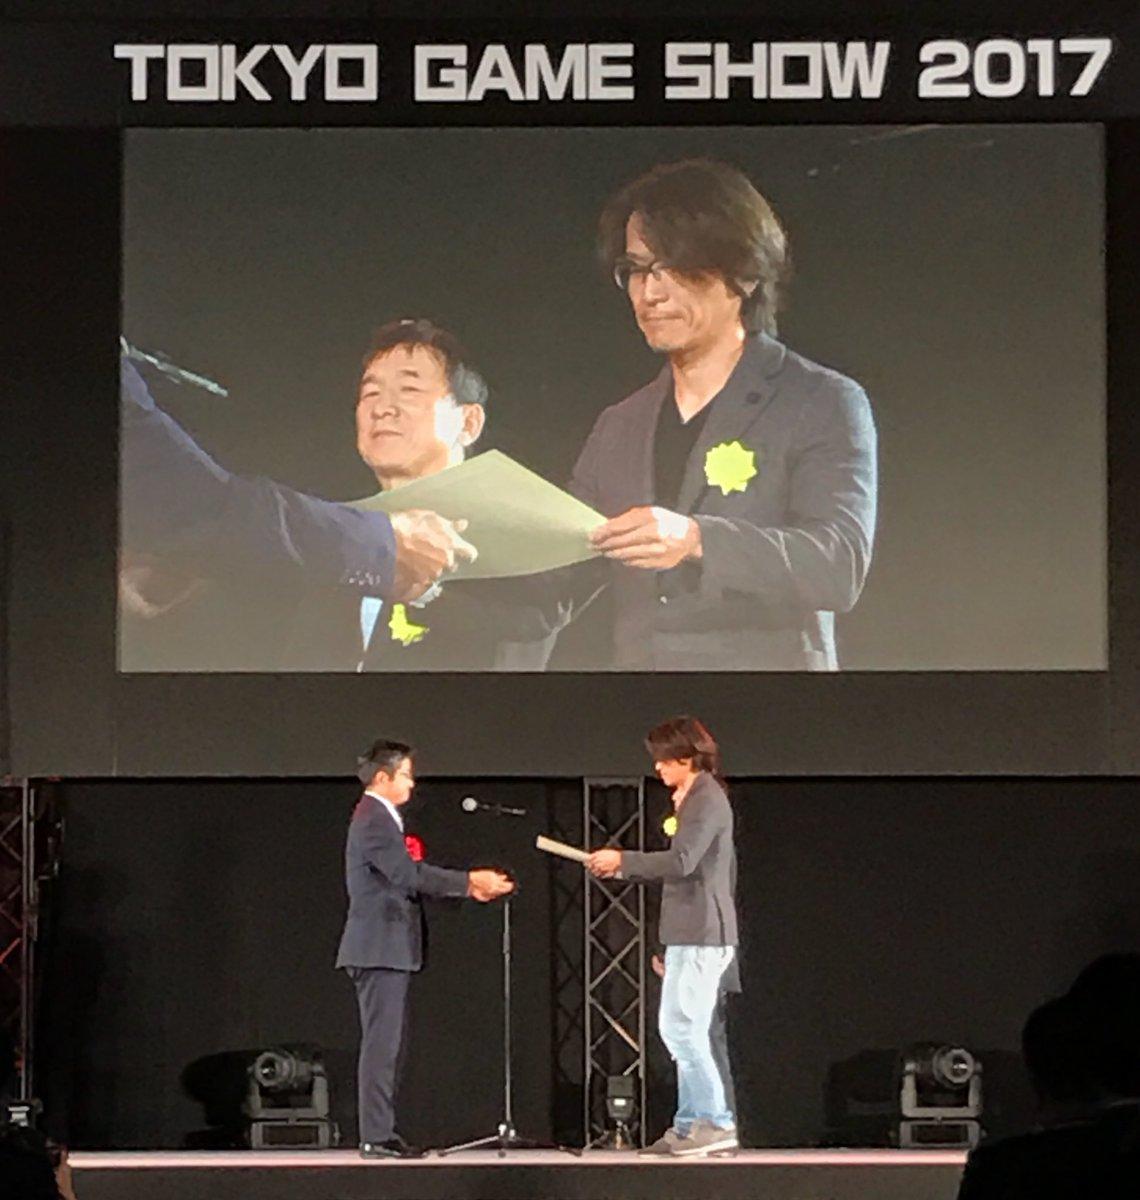 経済産業大臣賞は、ポケモンGOプロジェクトチーム!